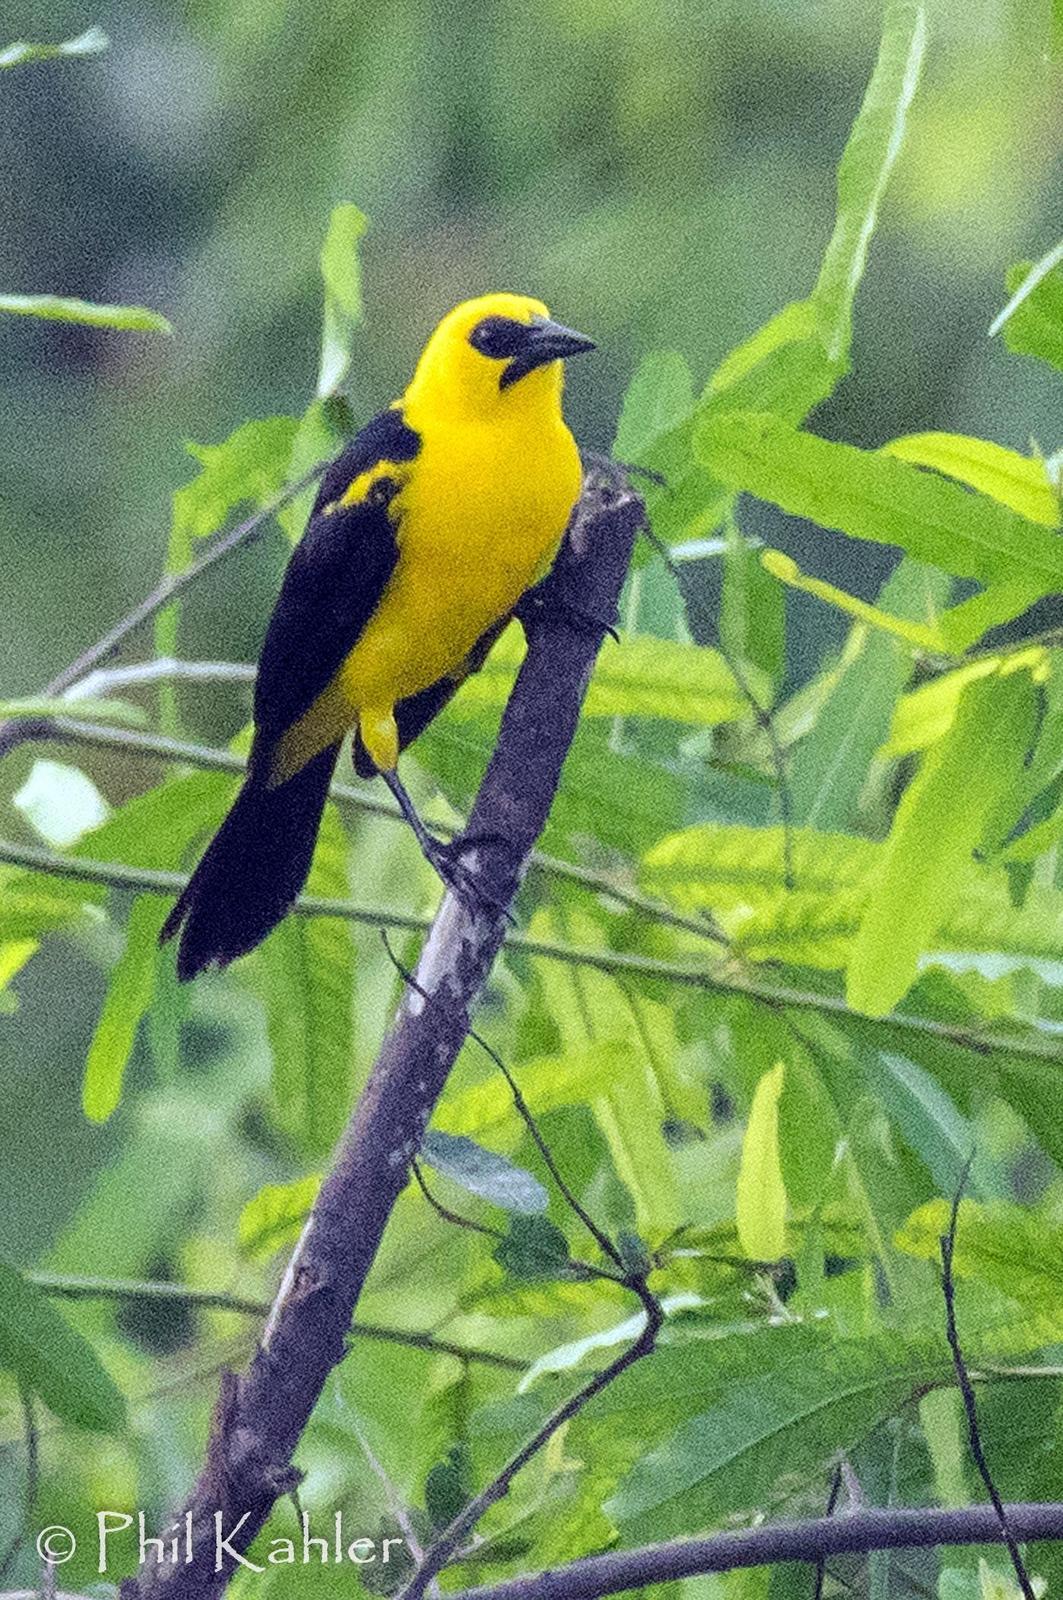 Oriole Blackbird Photo by Phil Kahler